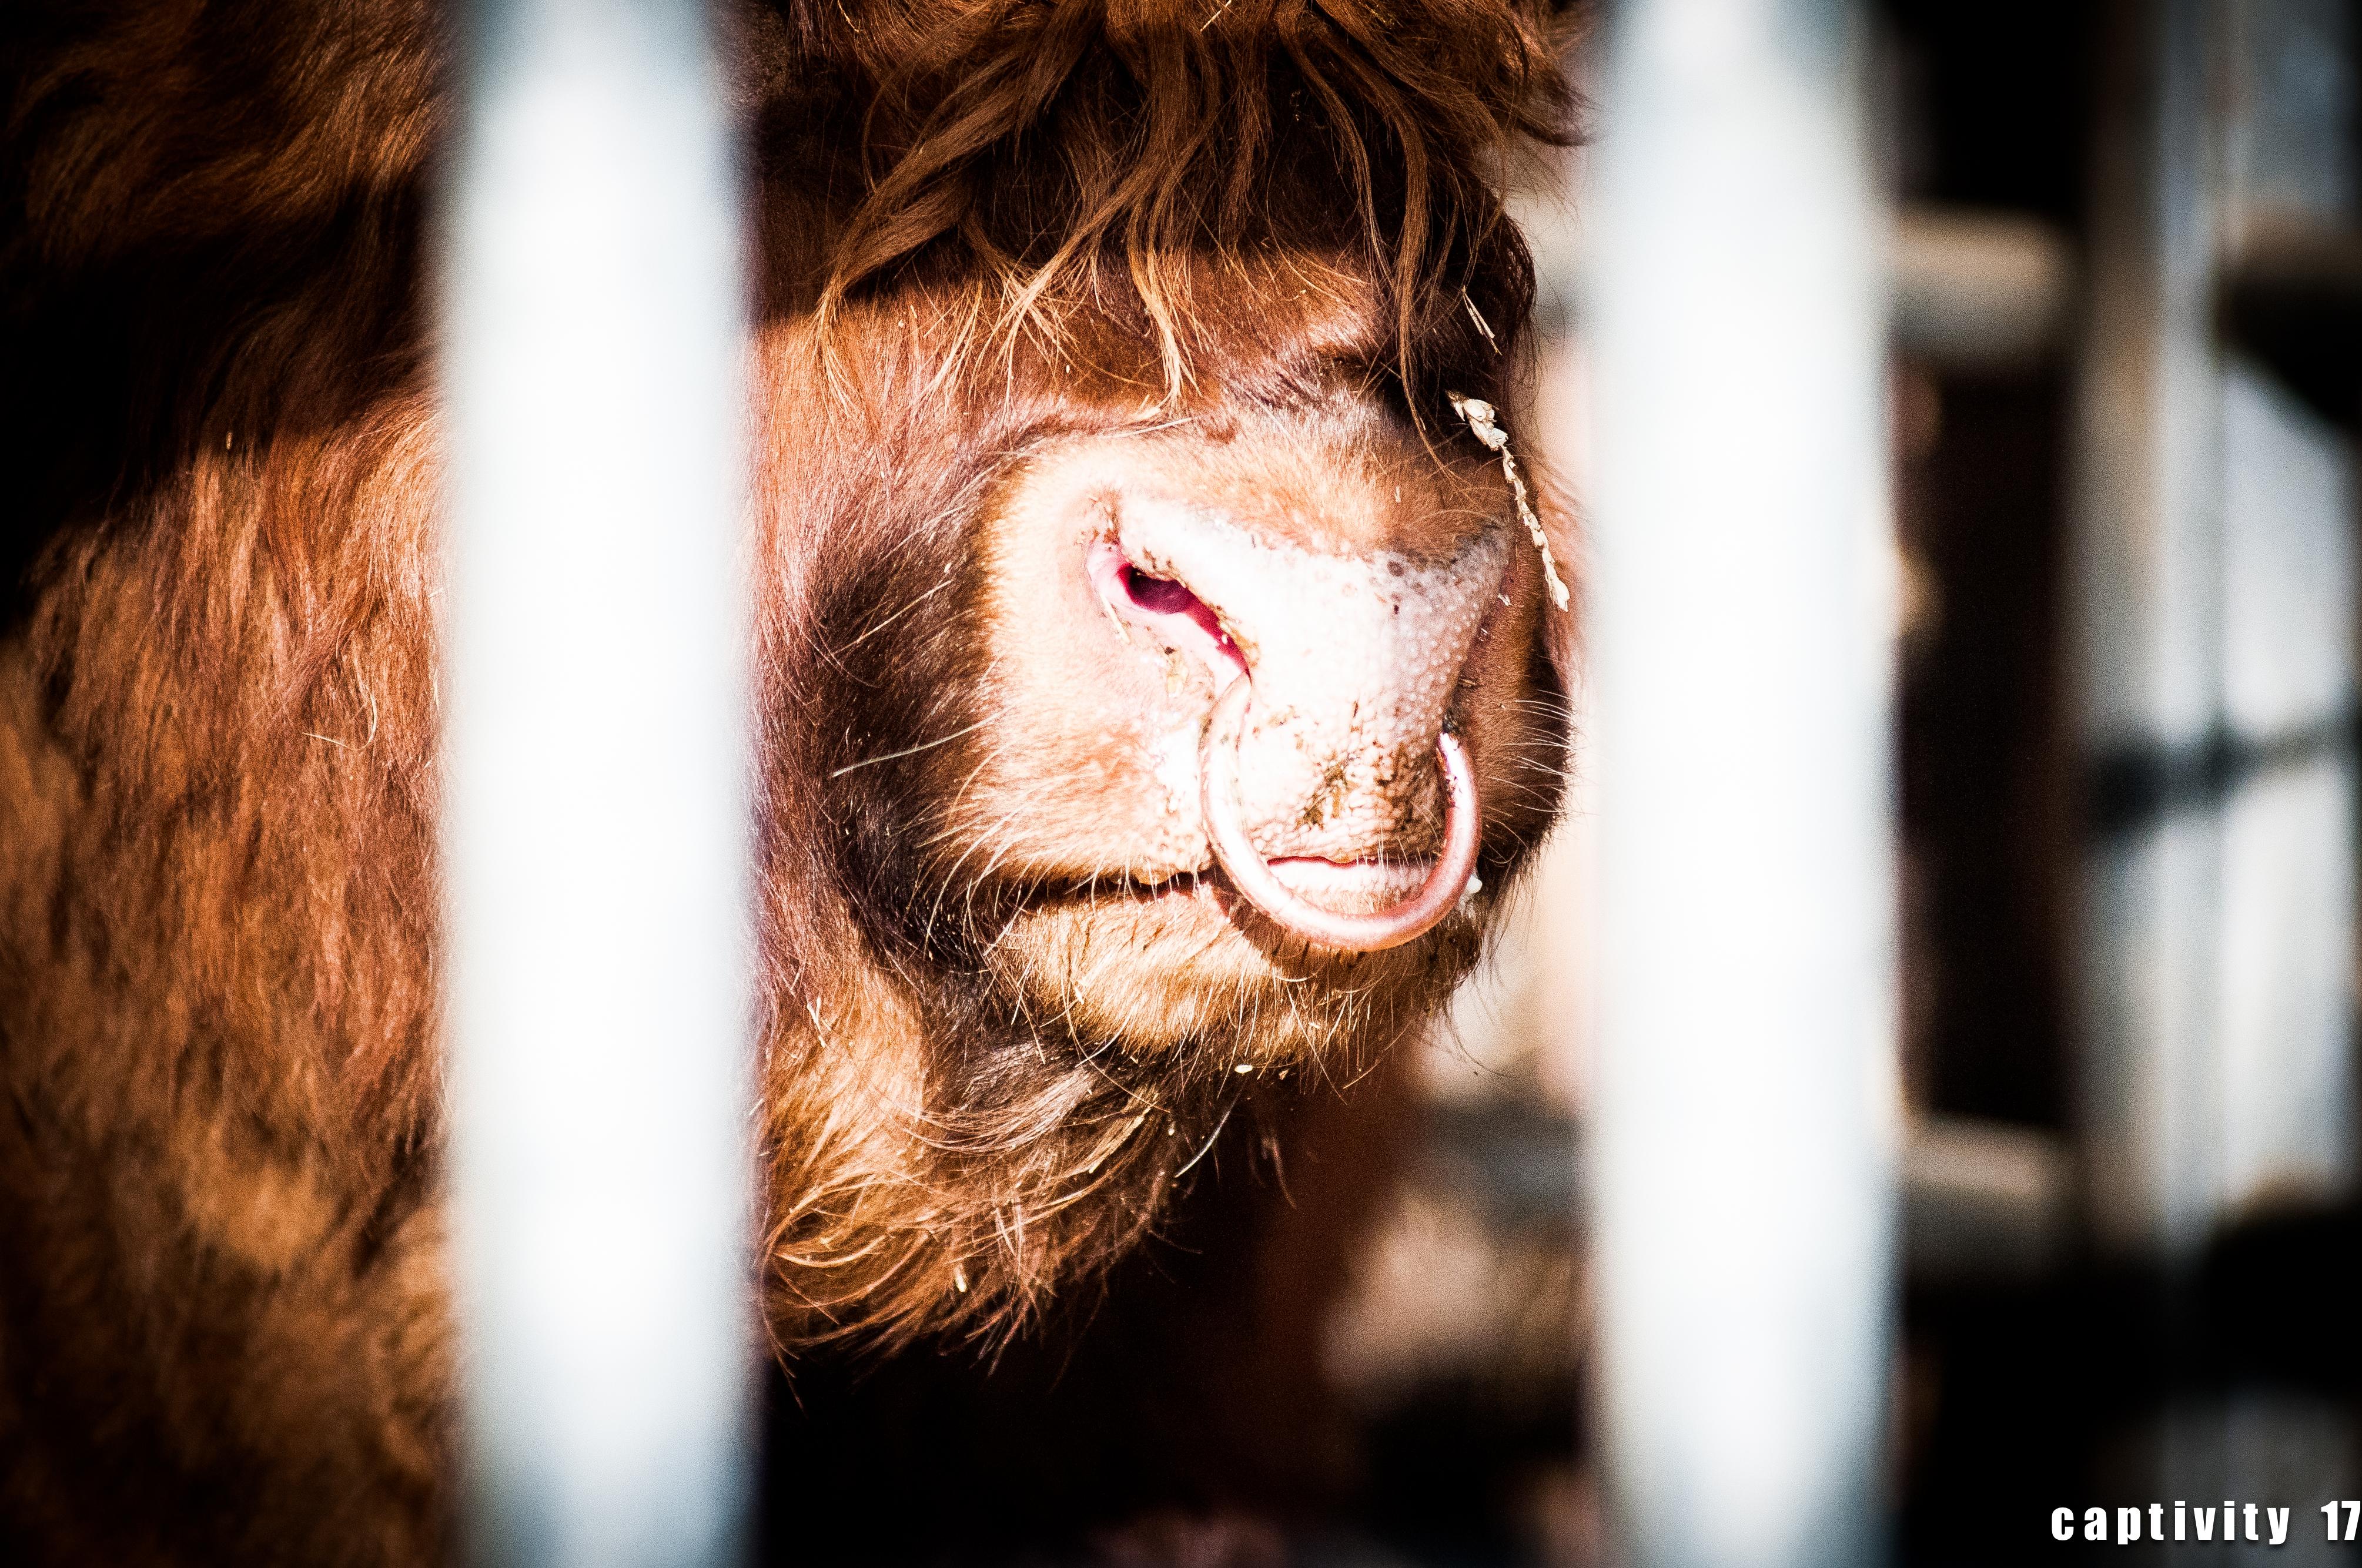 Captivity 9